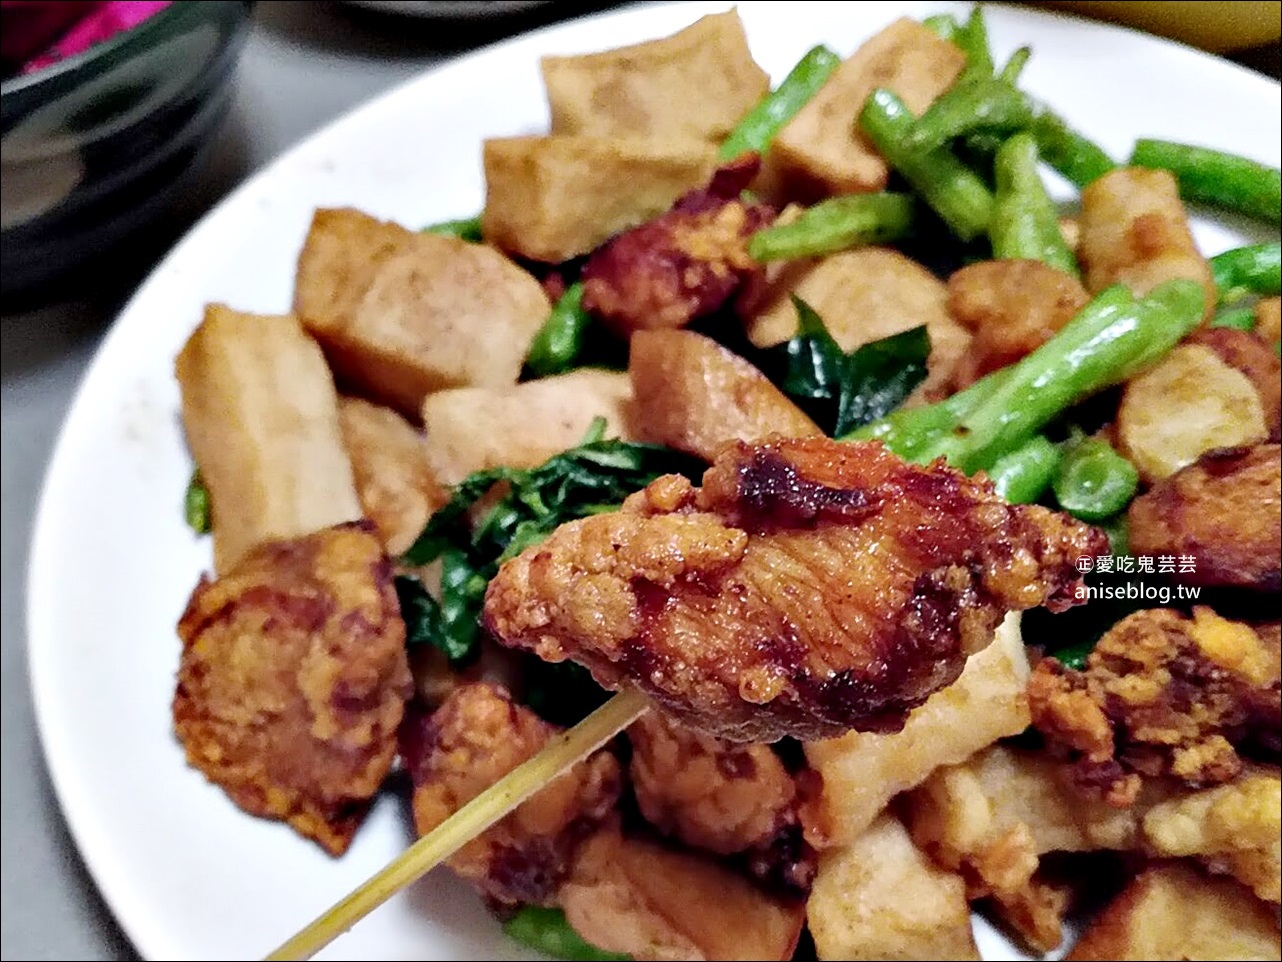 今日熱門文章:旺萊鹹酥雞,通化街臨江街夜市美食(姊姊食記)